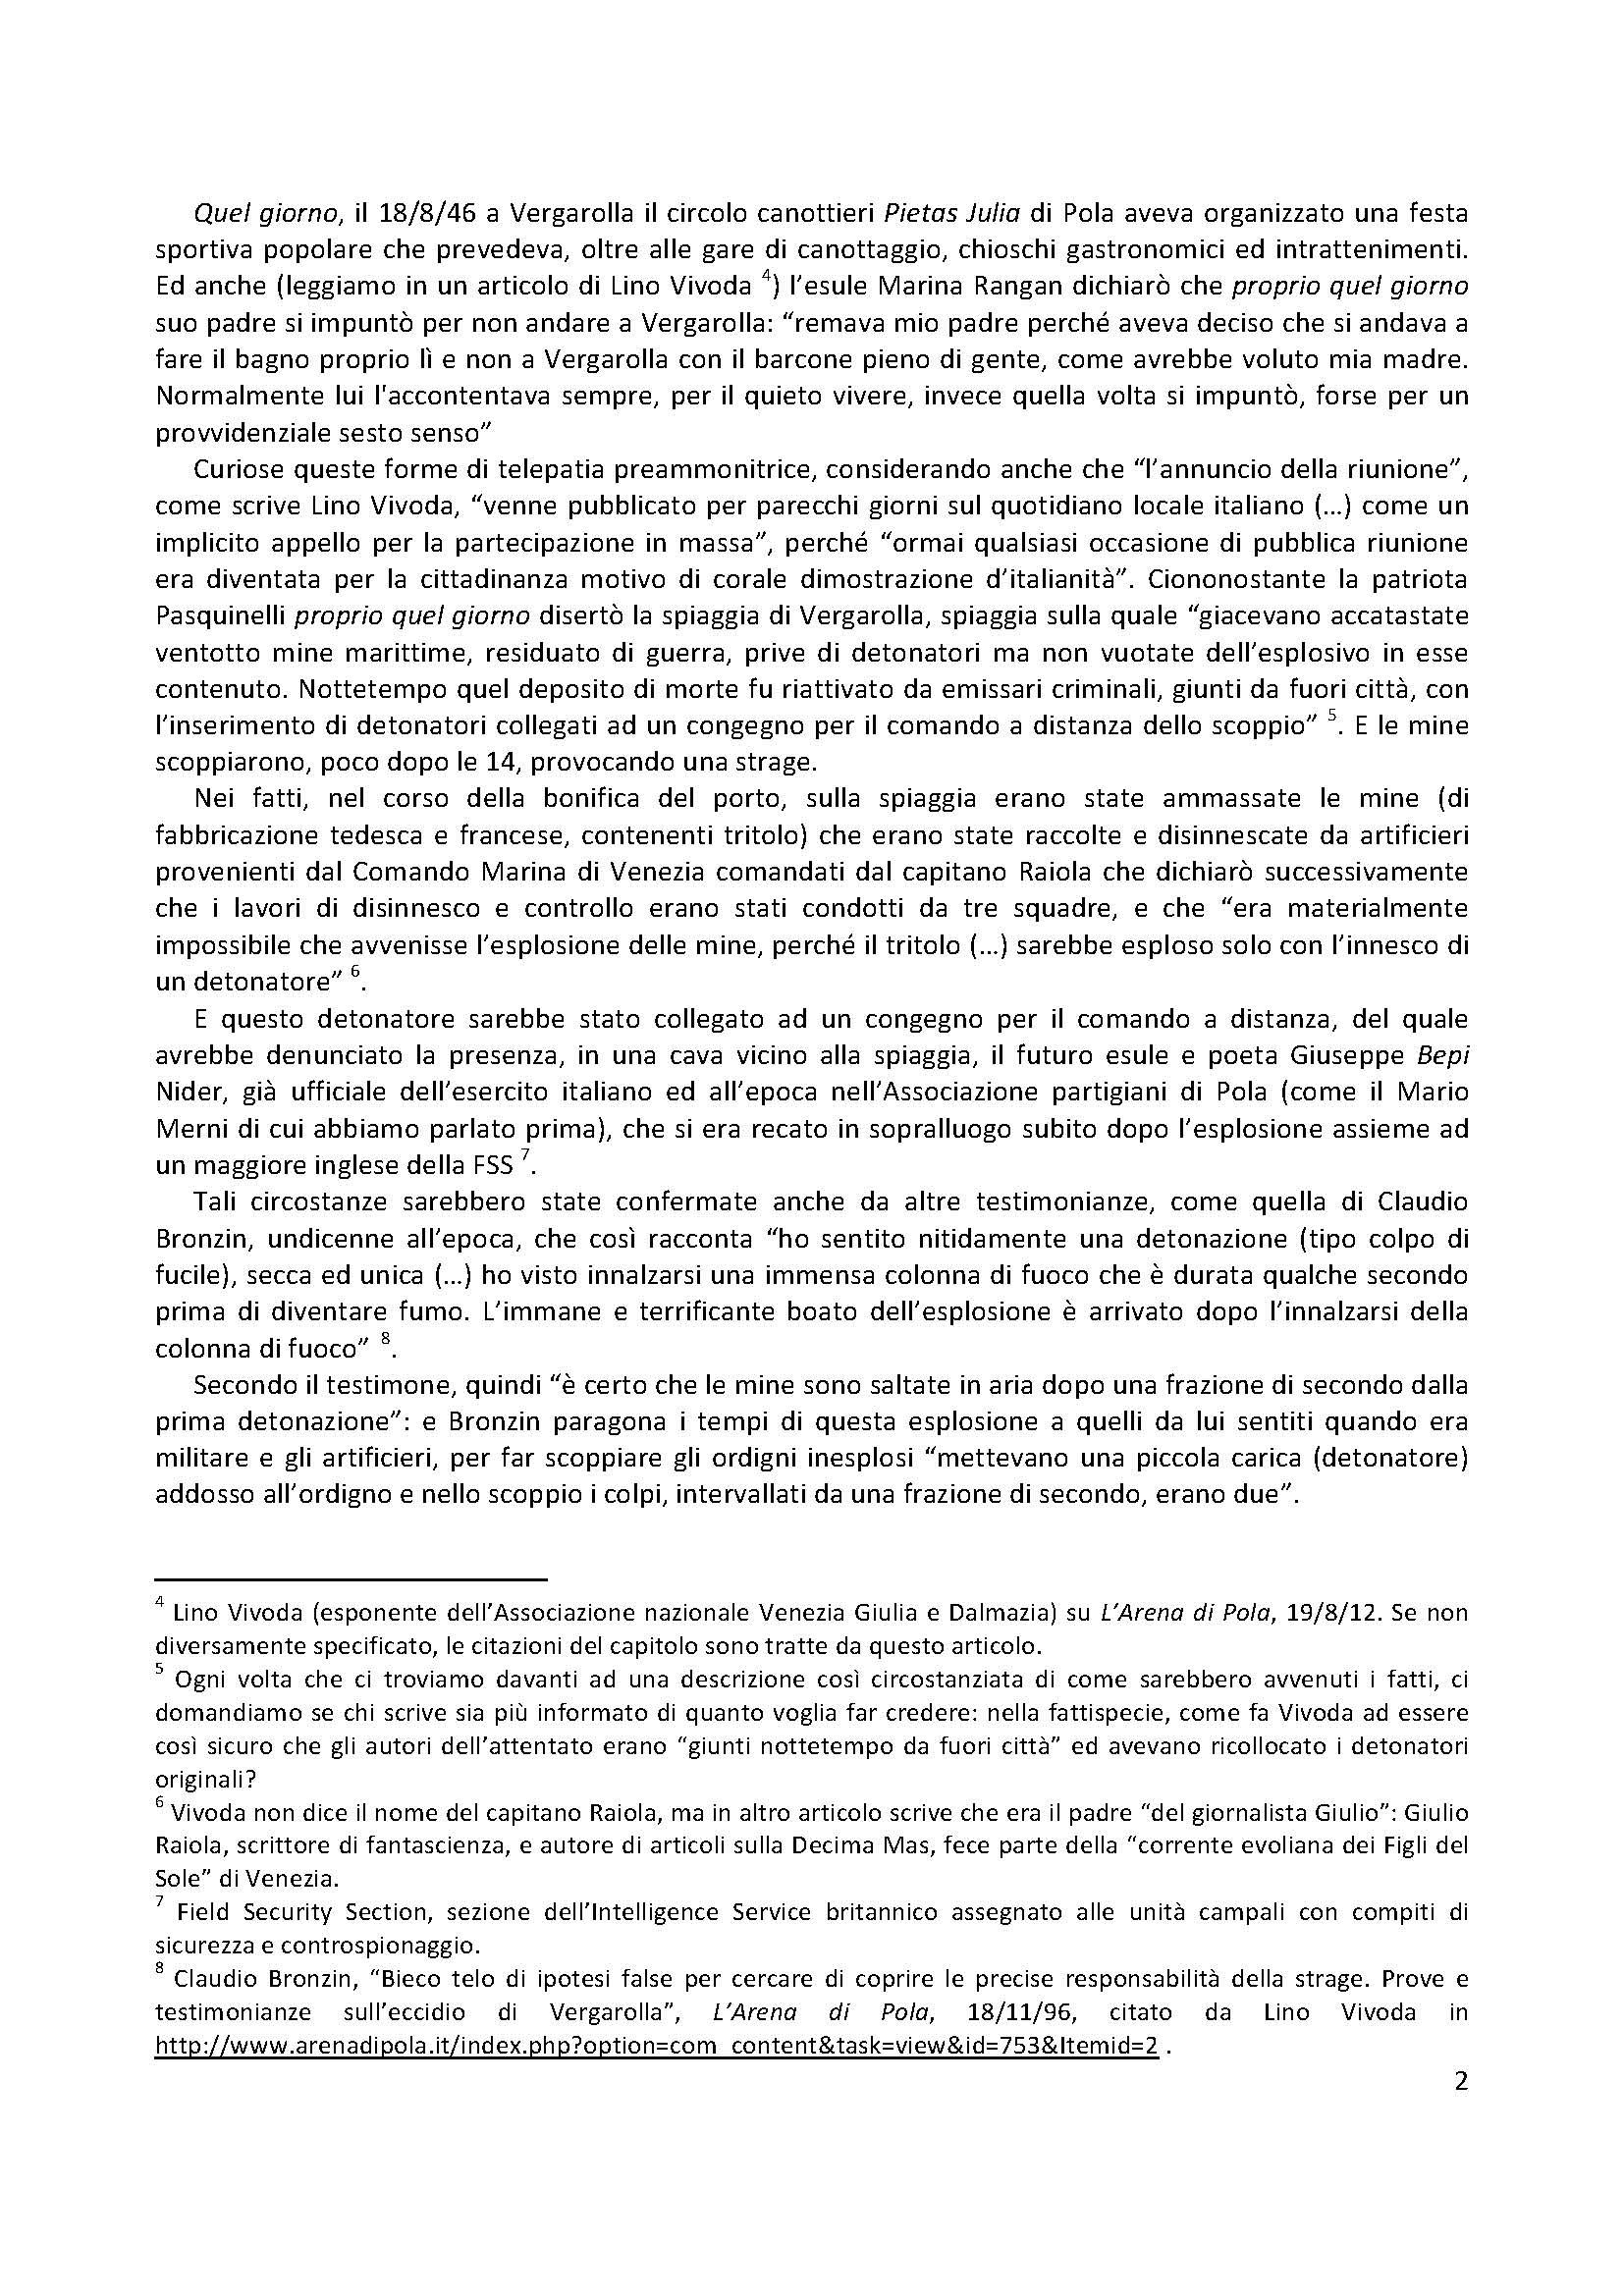 STRATEGIA-DELLA-TENSIONE-IN-ISTRIA (1)_Page_2